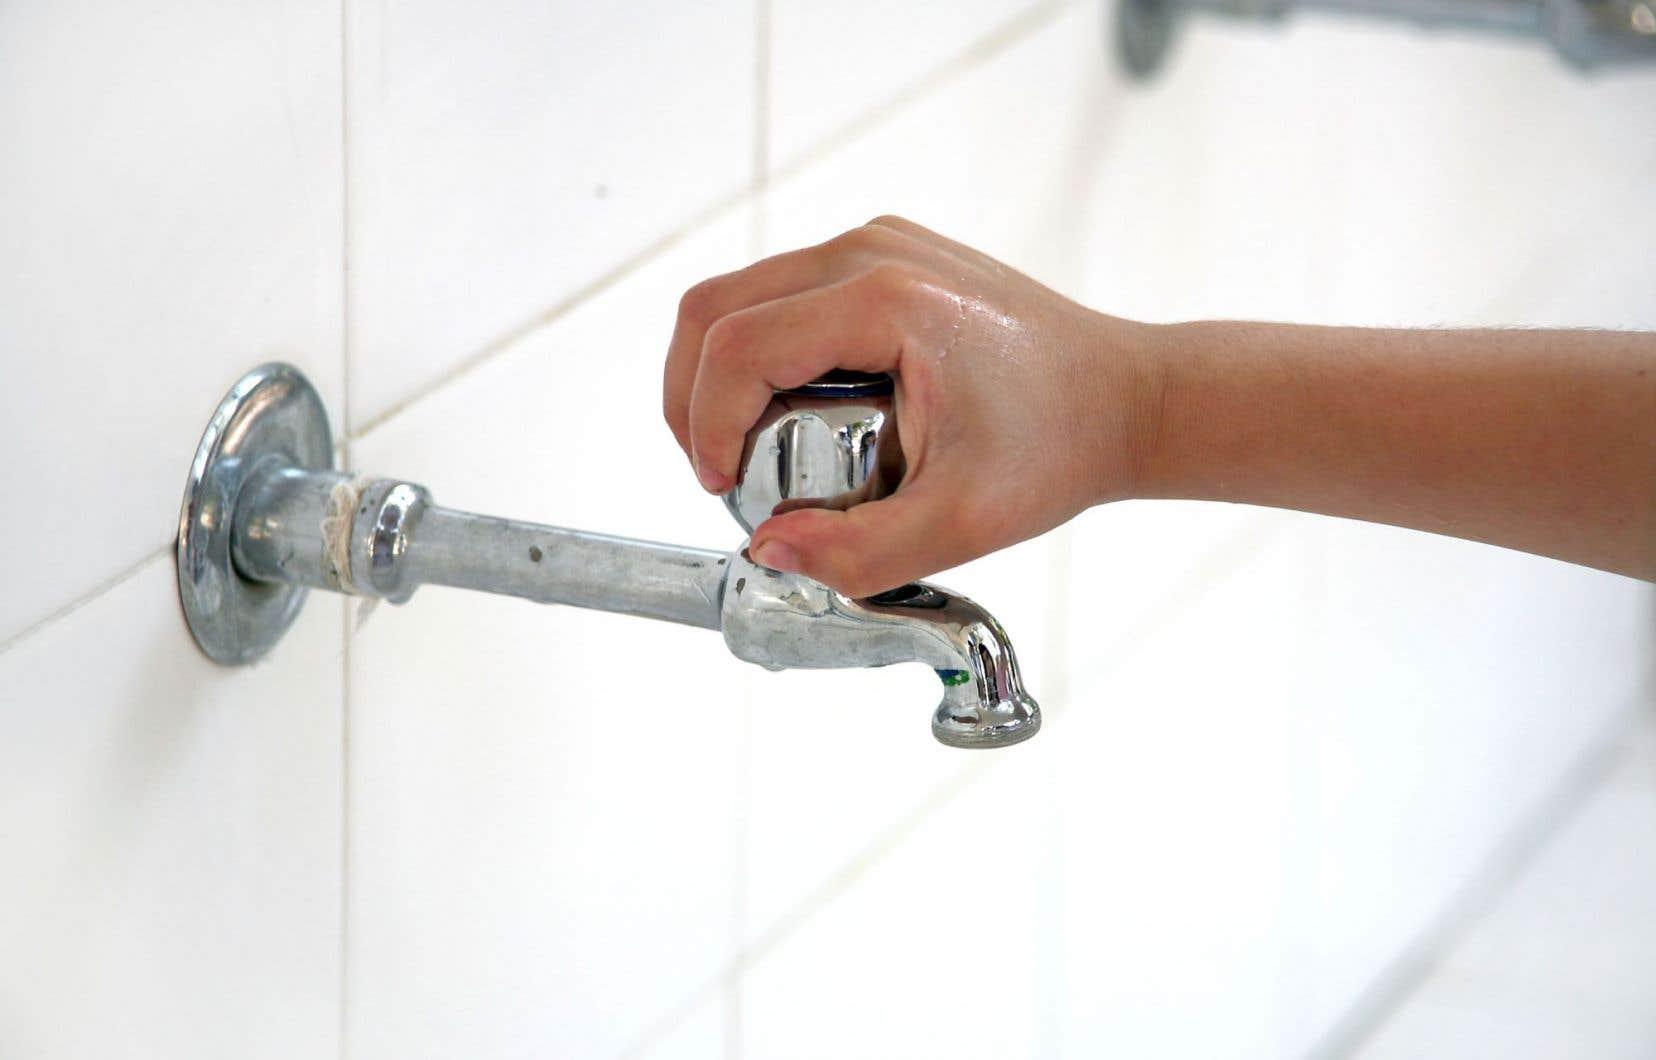 Une douche dure en moyenne 7 minutes et requiert 65 litres d'eau potable, laquelle repart dans la nature couverte de mousse artificielle.